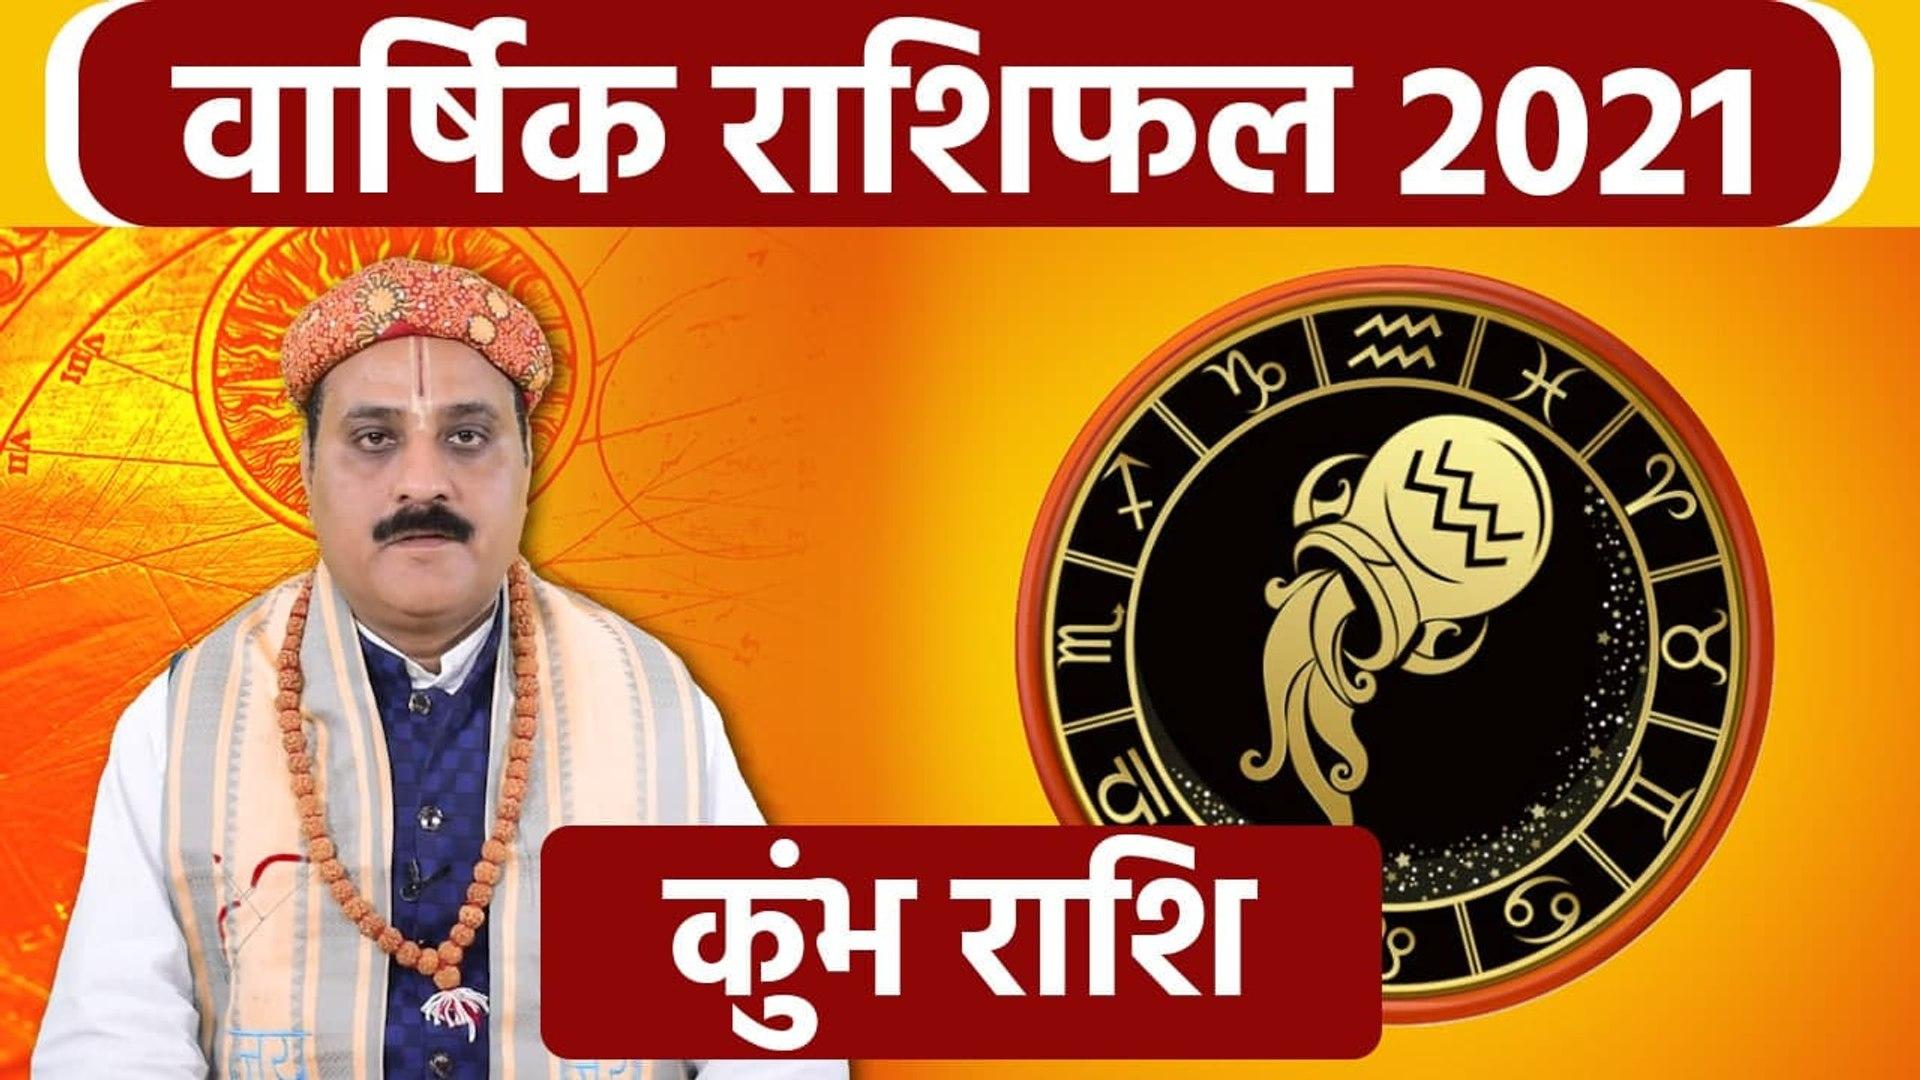 Kumbh Rashifal 2021: कुंभ राशिफल 2021 | वनइंडिया हिंदी